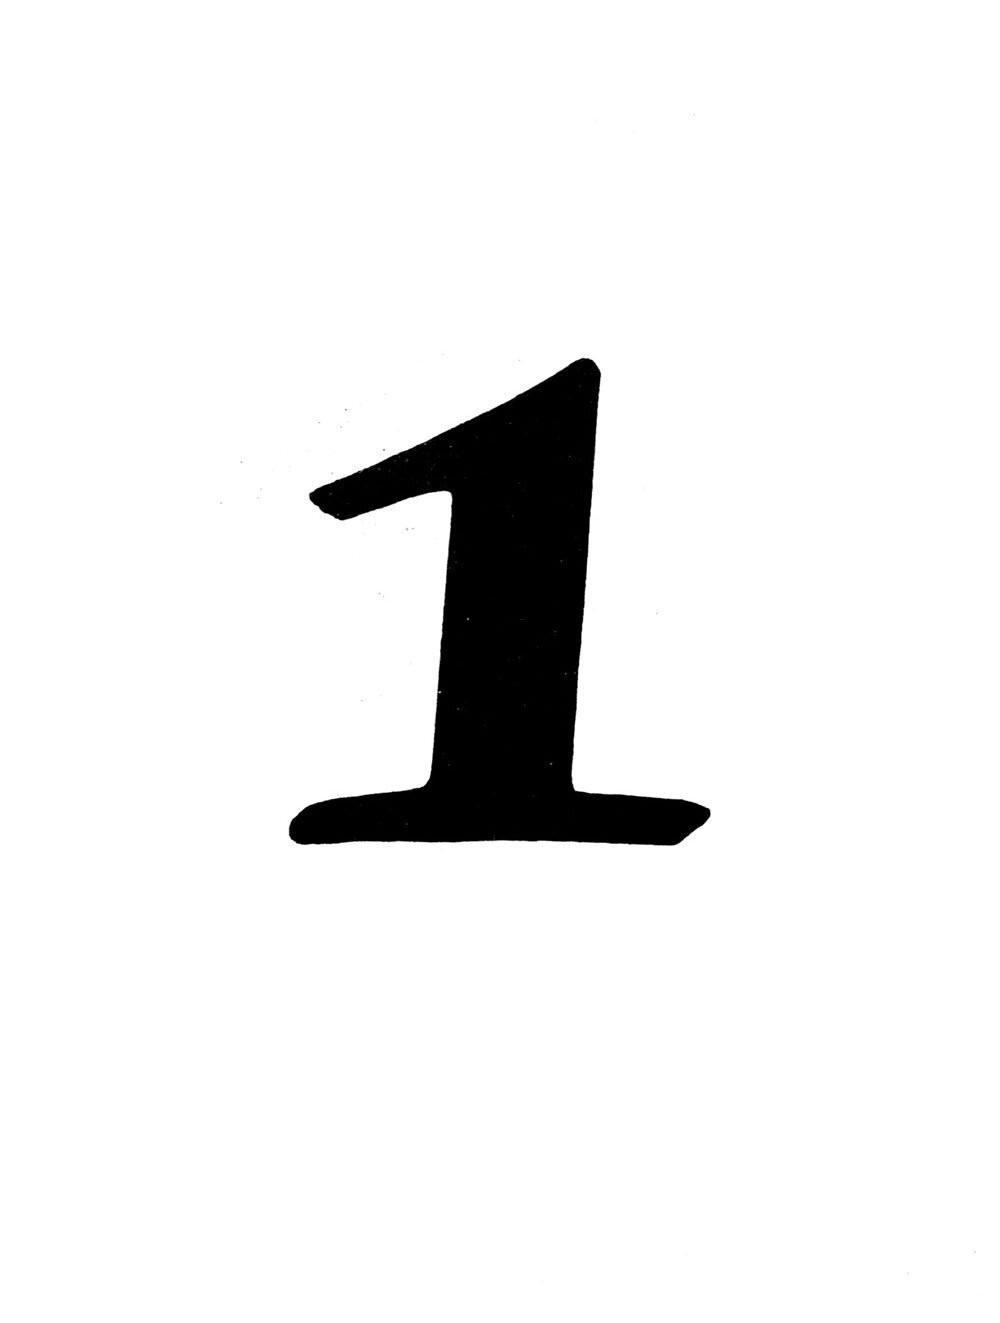 Исторический комикс Персеполис, Маржан Сатрапи. Том 1. Страница 1. Блог о комиксах Vaes Okshn